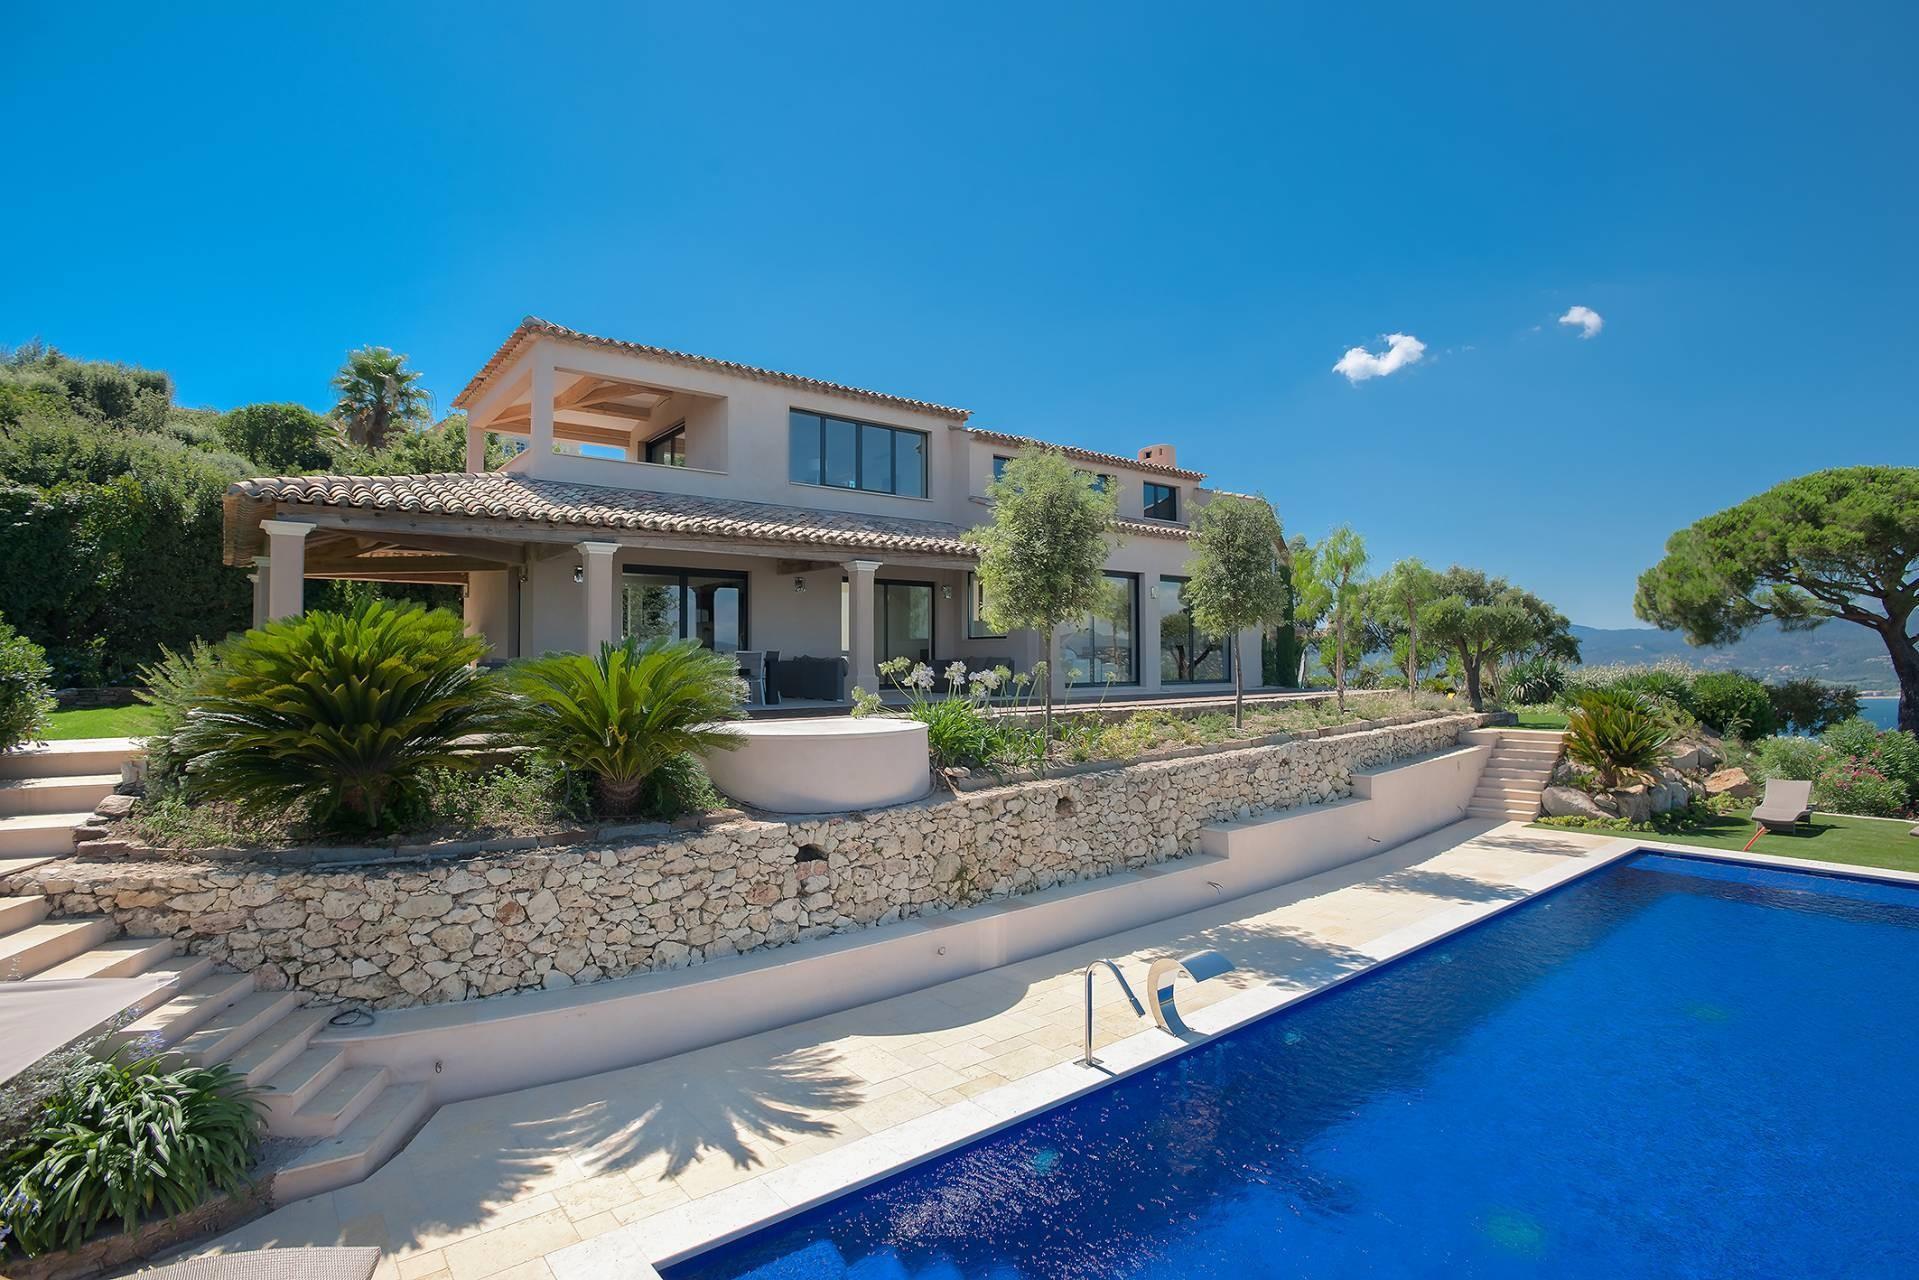 villa france gassin 182651 prestige property group. Black Bedroom Furniture Sets. Home Design Ideas